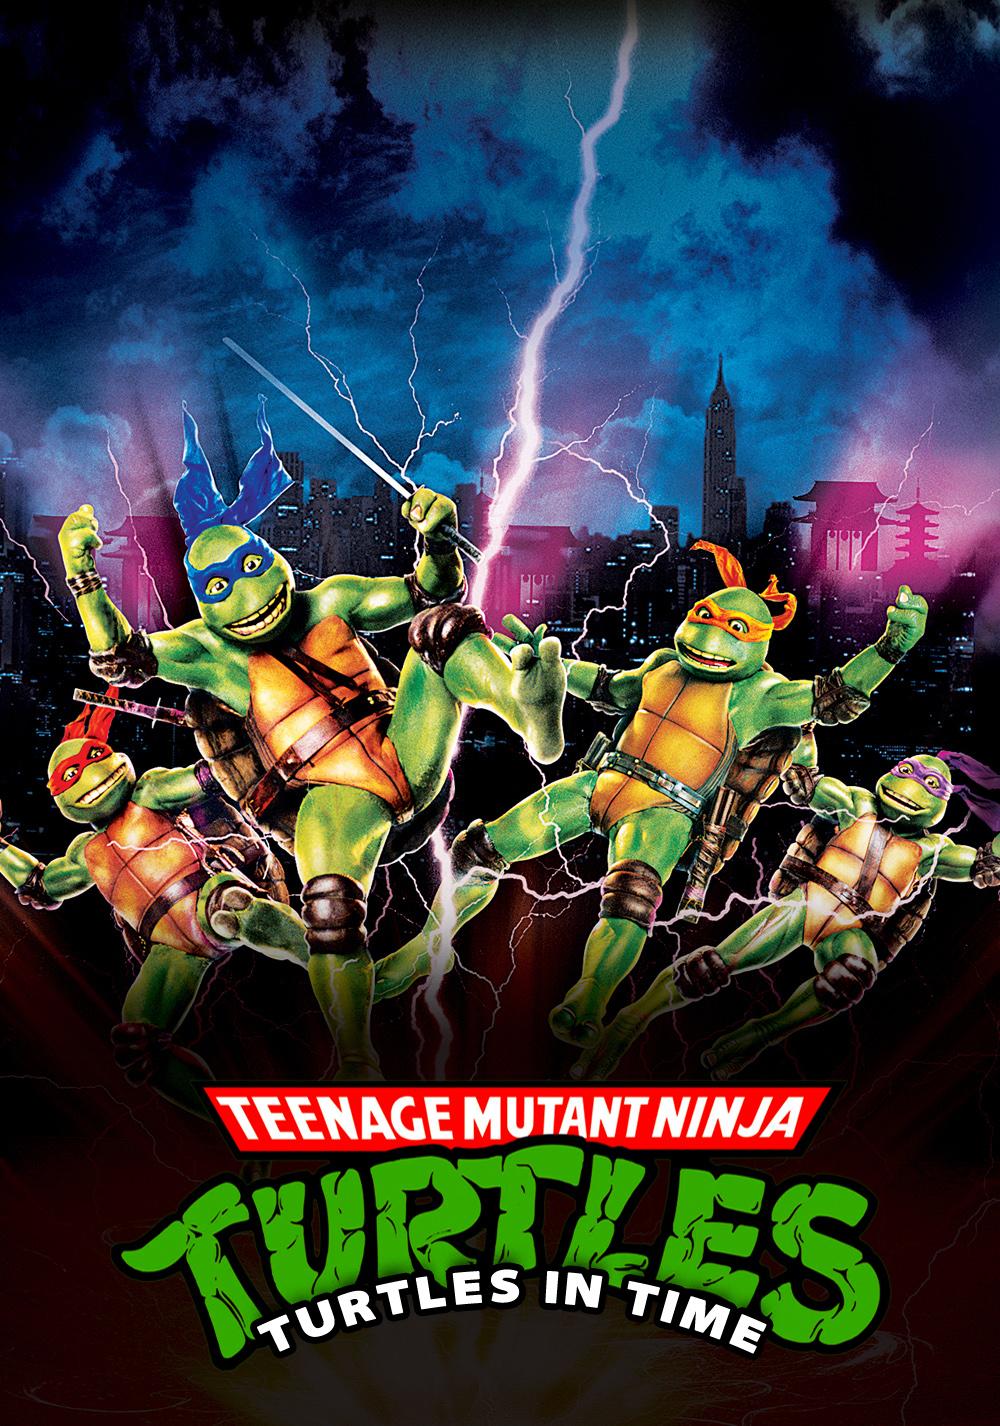 Teenage Mutant Ninja Turtles III: Turtles in Time | Movie ...